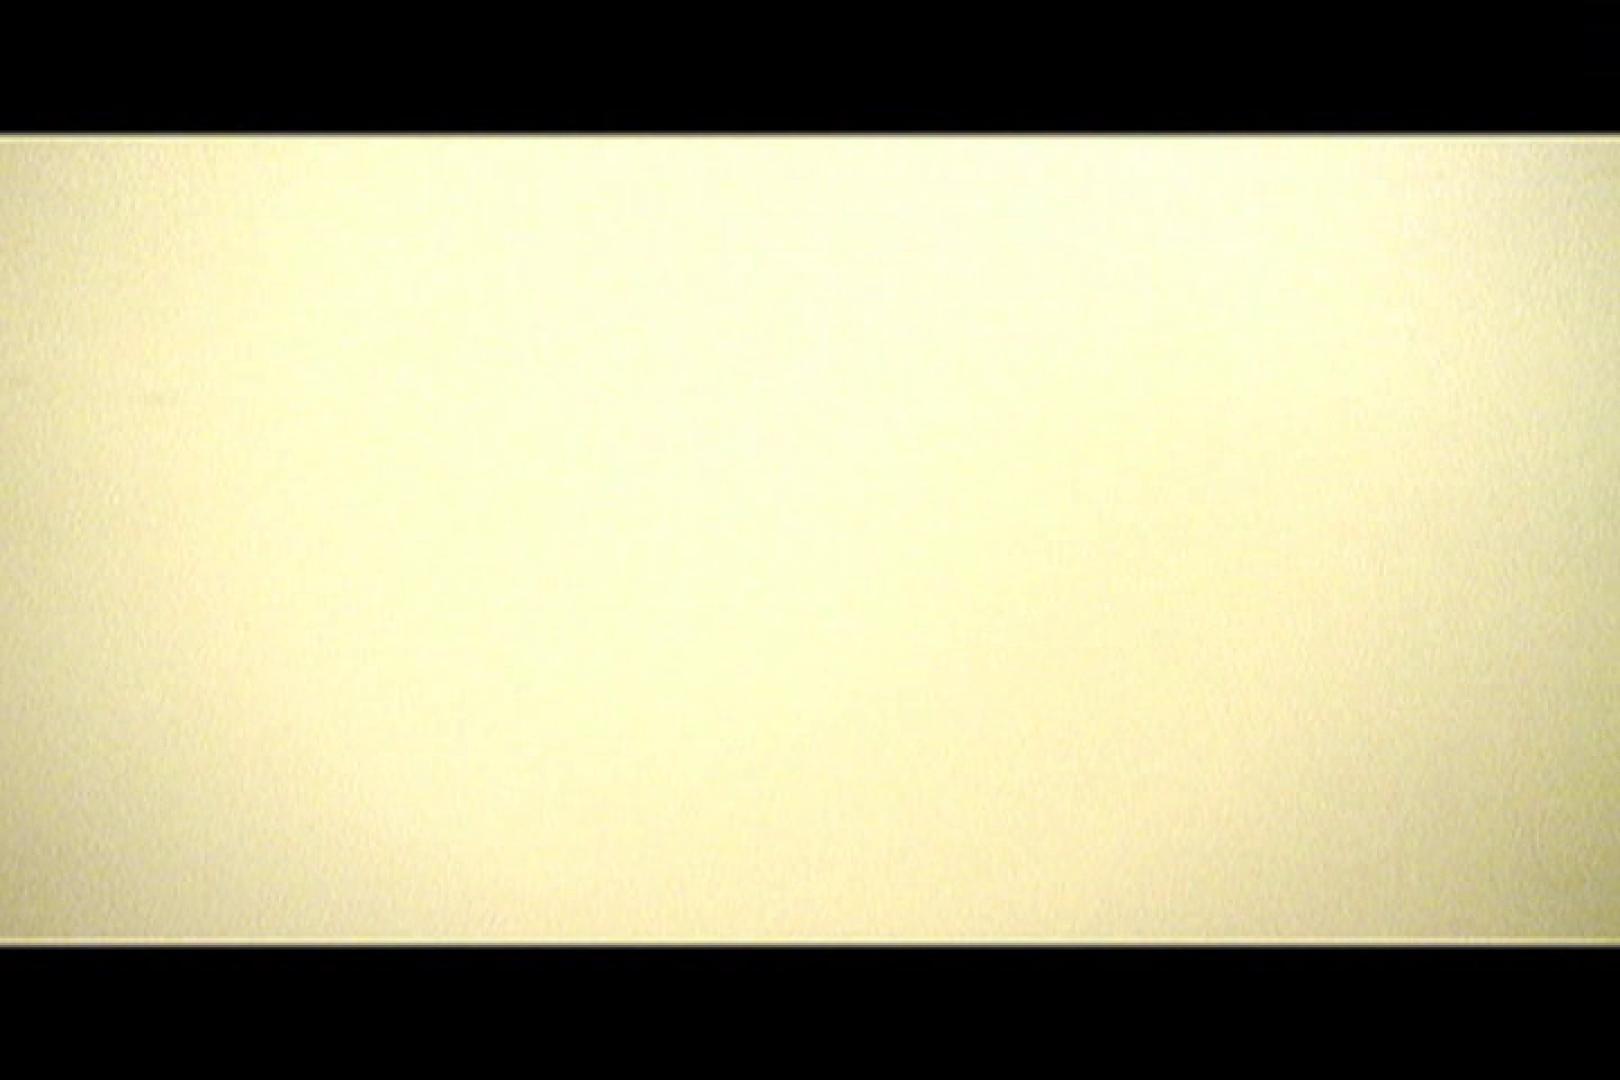 マンコ丸見え女子洗面所Vol.7 丸見え すけべAV動画紹介 85連発 46